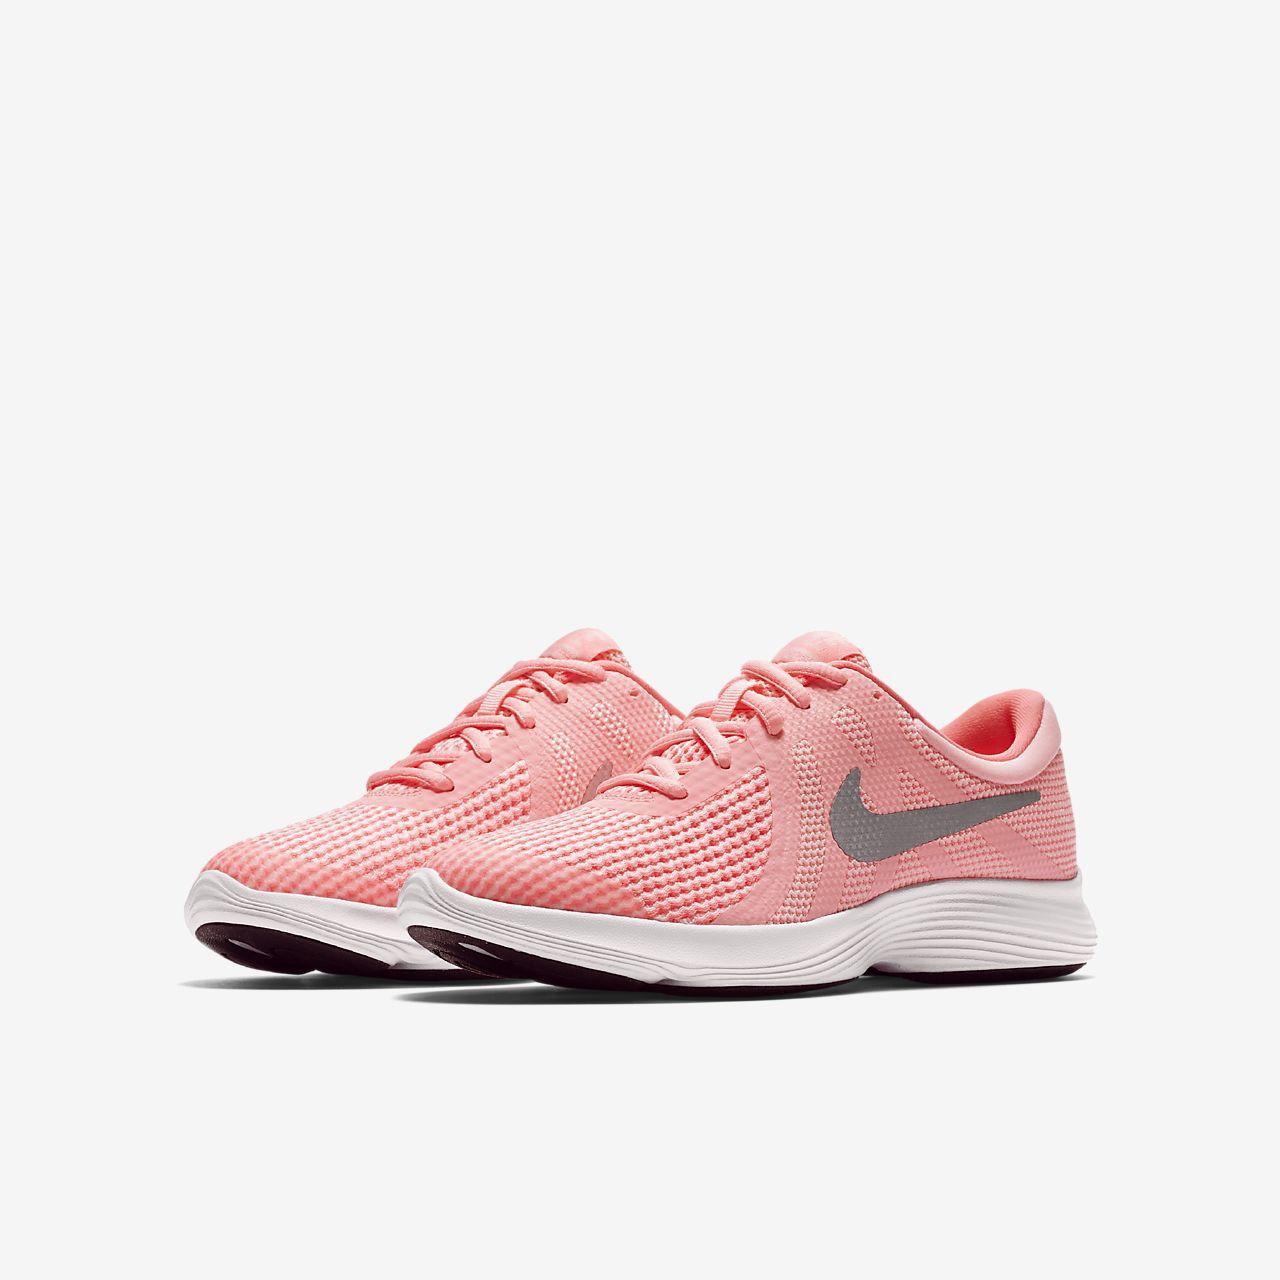 ... Nike Revolution 4 Older Kids' Running Shoe